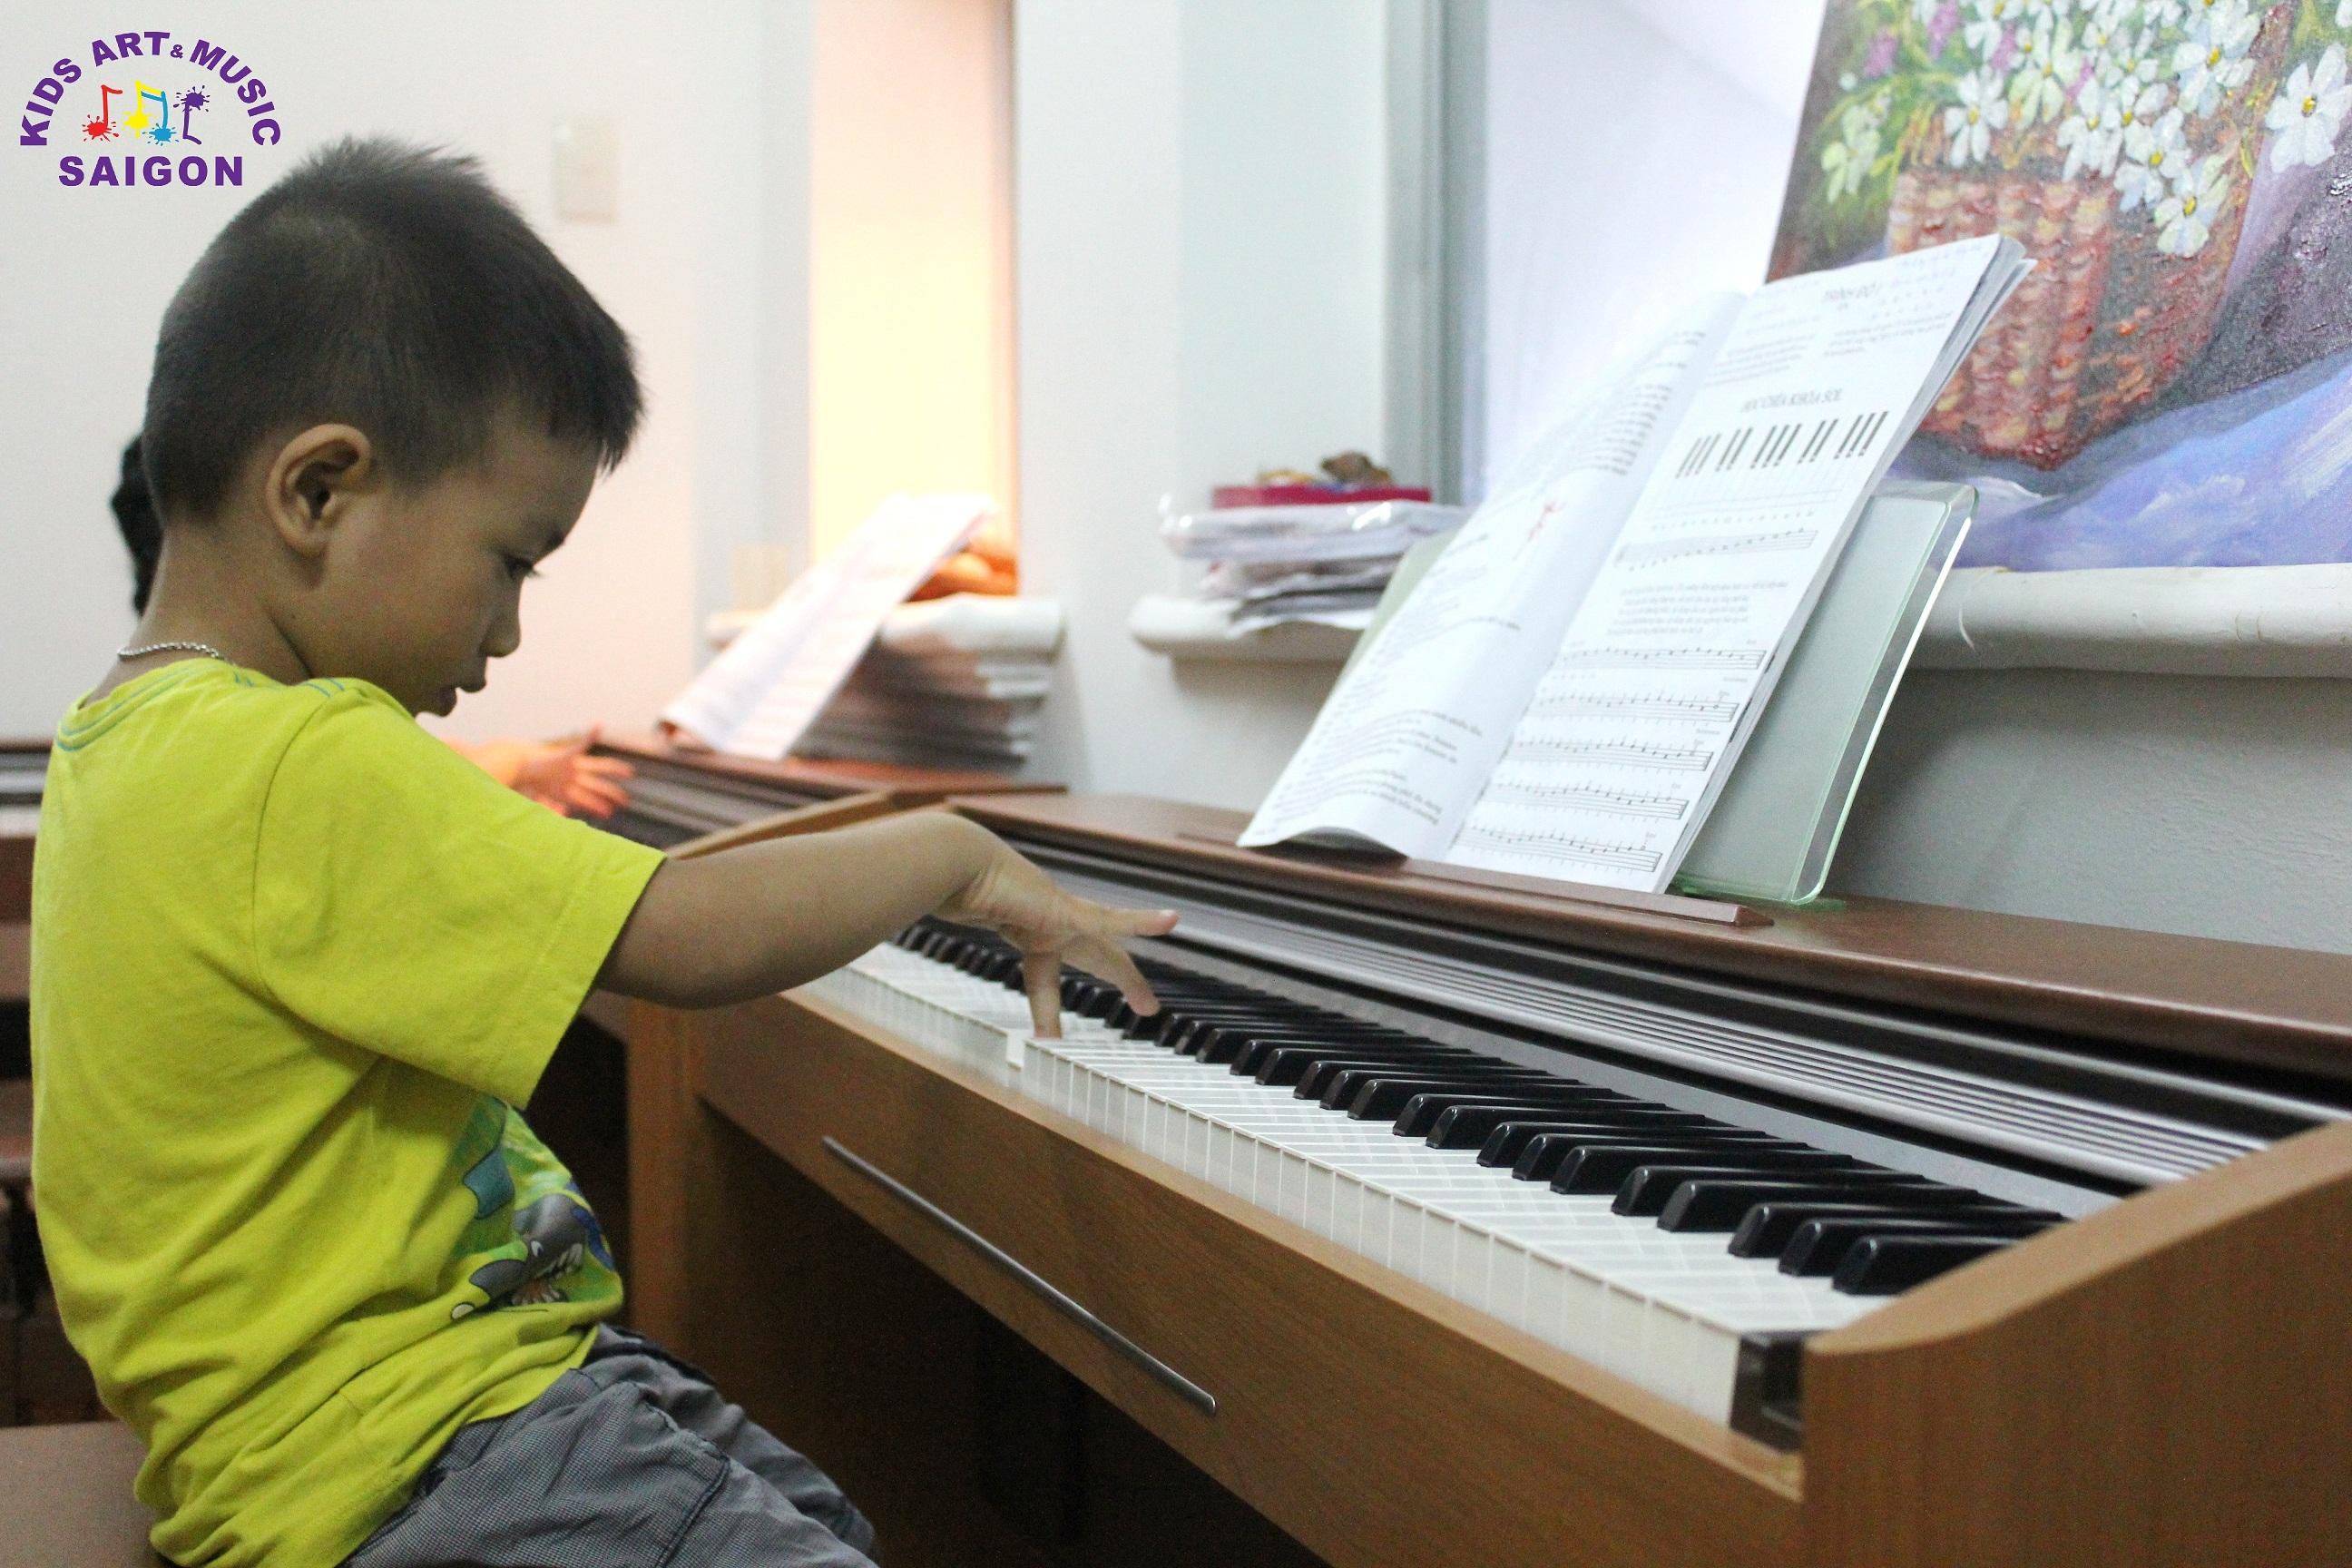 Học đàn Piano cho trẻ em tại Kids Art & Music Saigon, cùng tìm hiểu nhé! hình ảnh 7